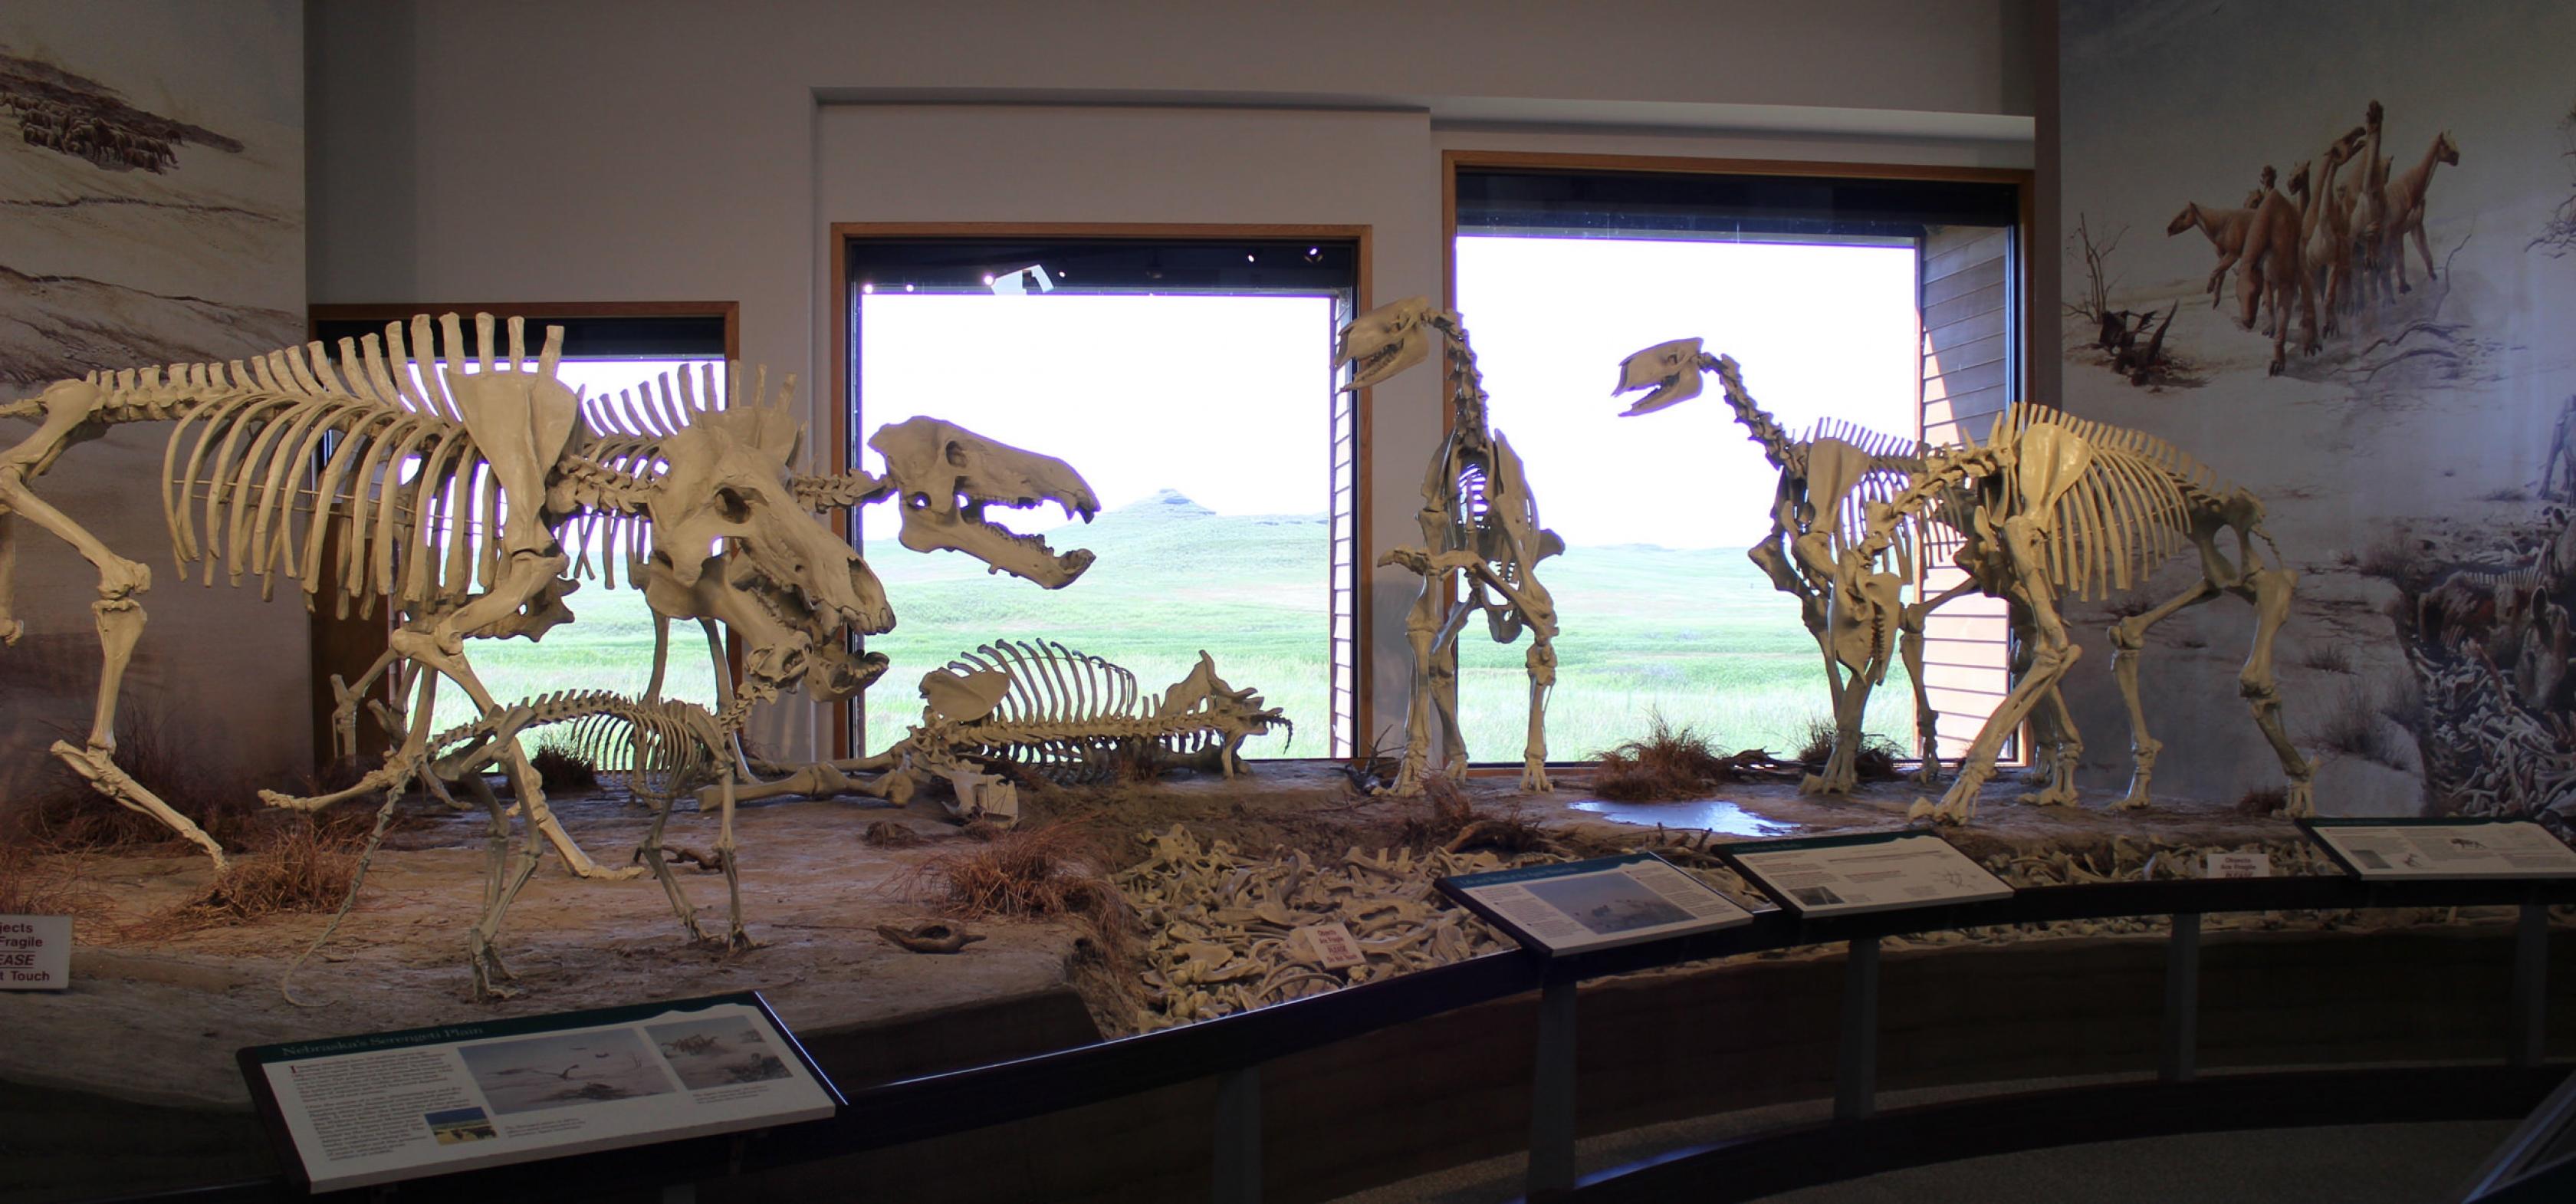 Un diorama de fósiles en ágata.